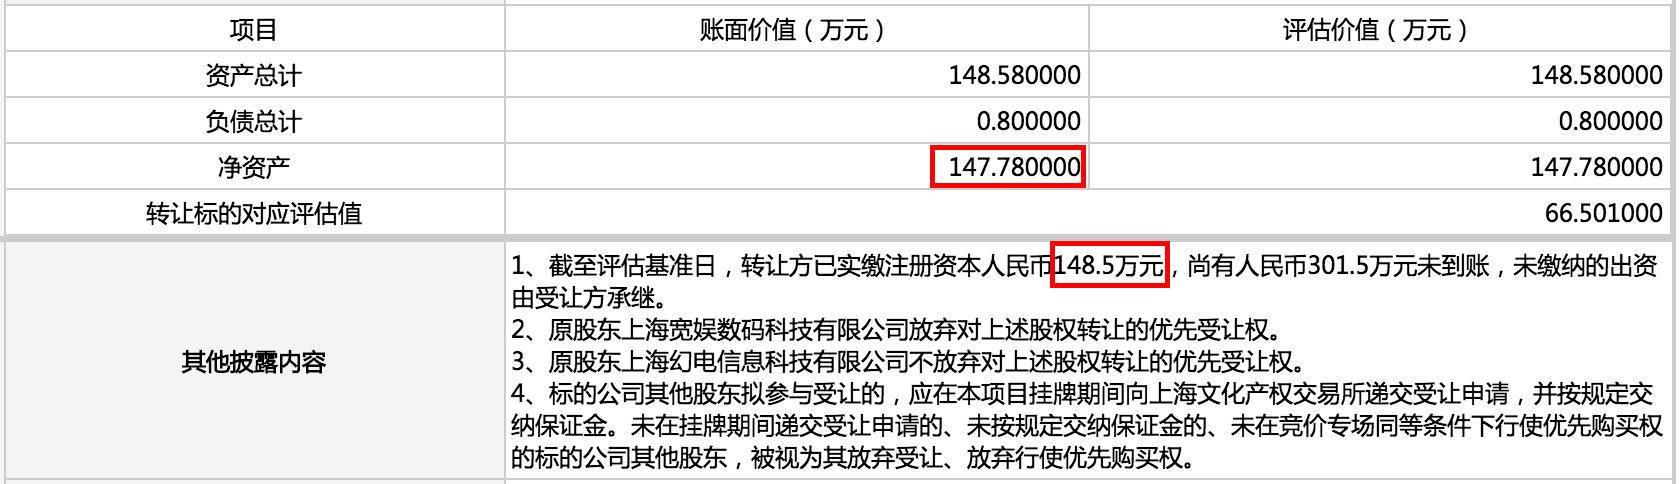 上海联合产权交易所项目信息截图